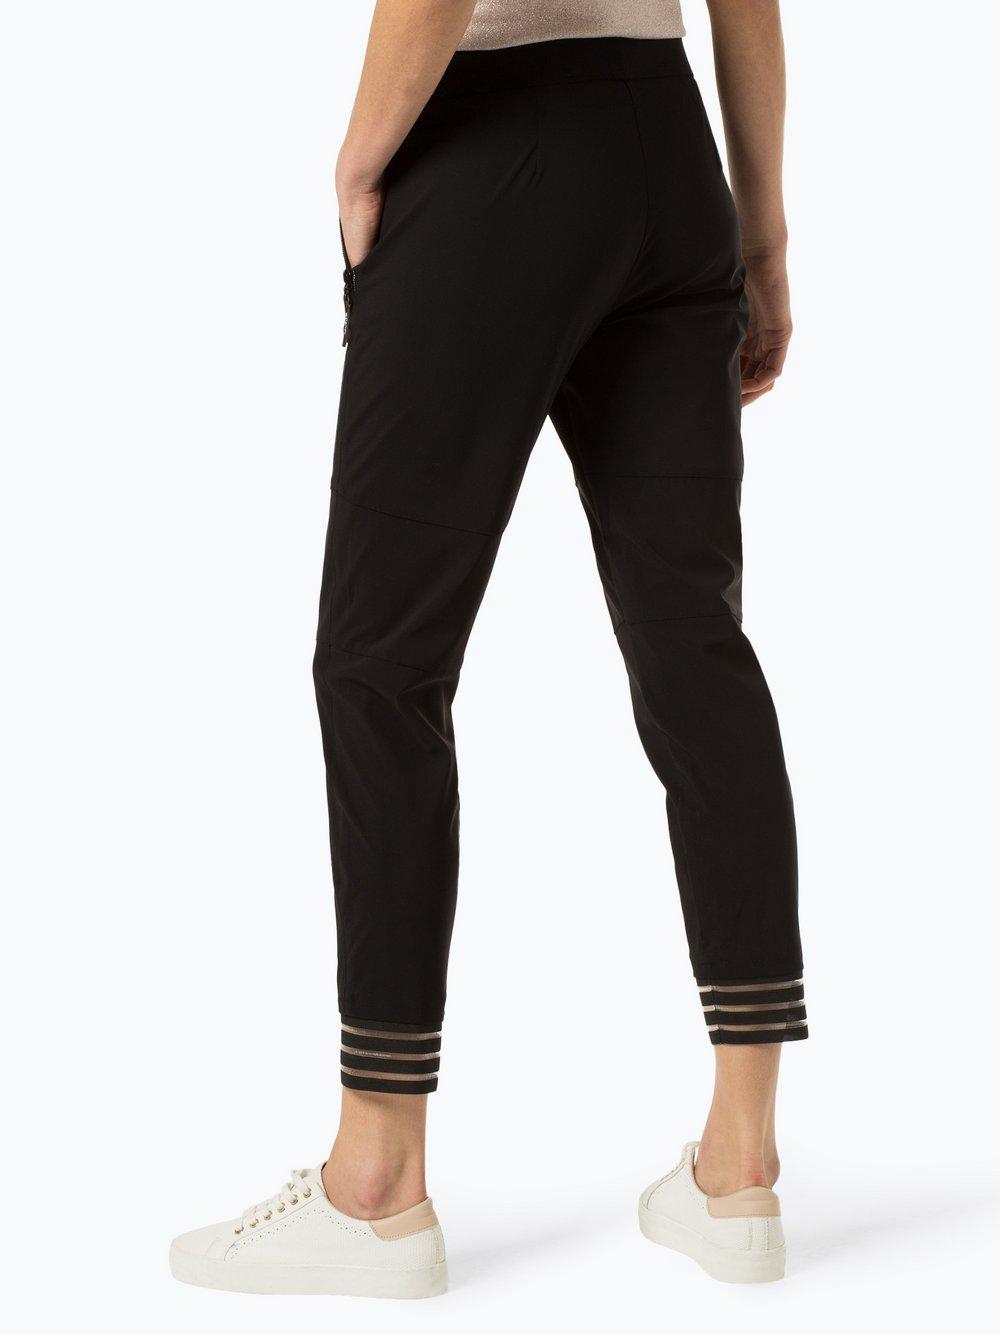 günstige Preise weich und leicht Talsohle Preis RAFFAELLO ROSSI Damen Sportswear Hose - Candy Future online ...